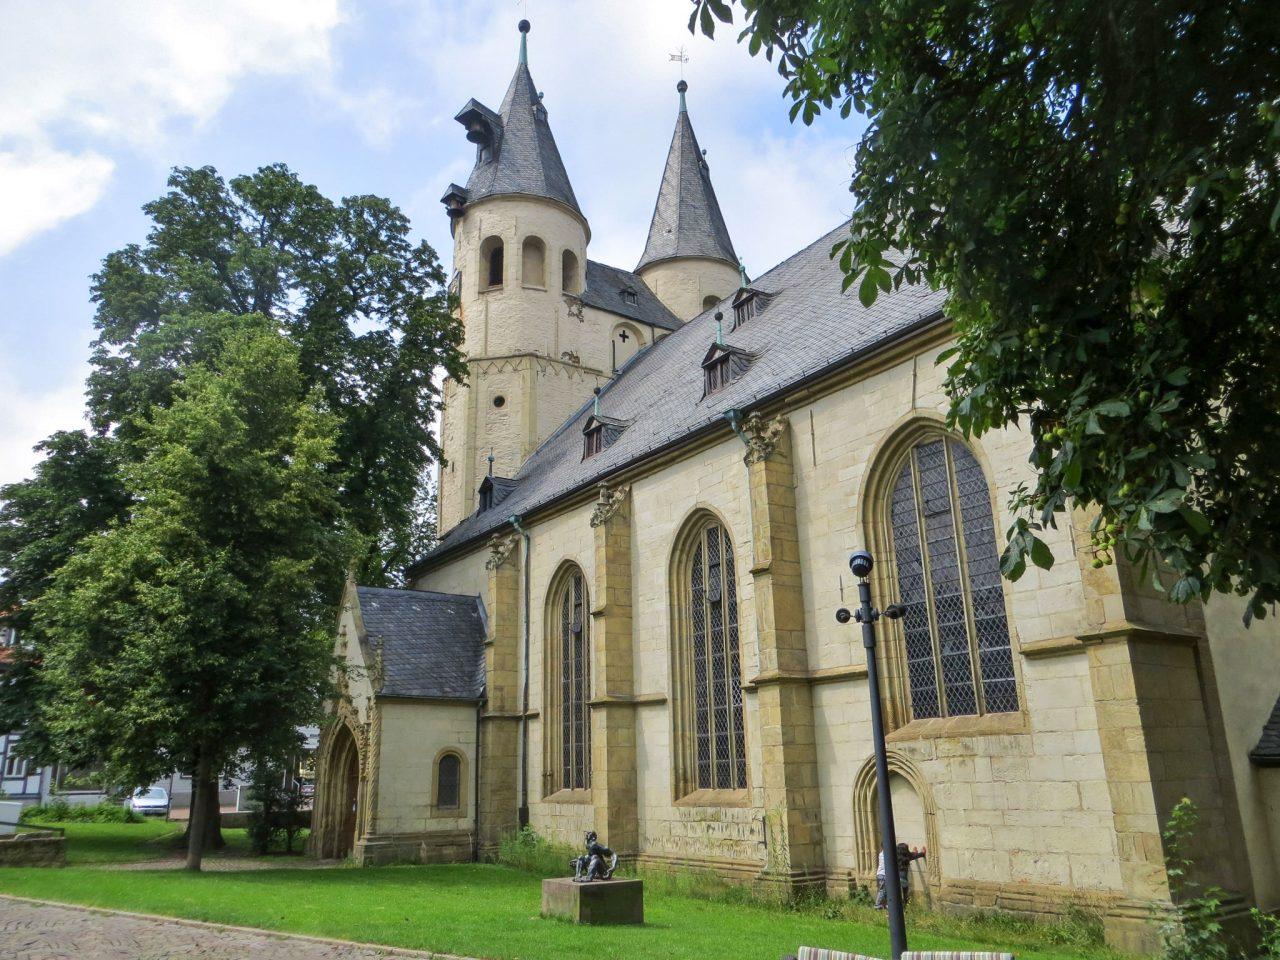 Церковь Св. Иакова (Jakobikirche)